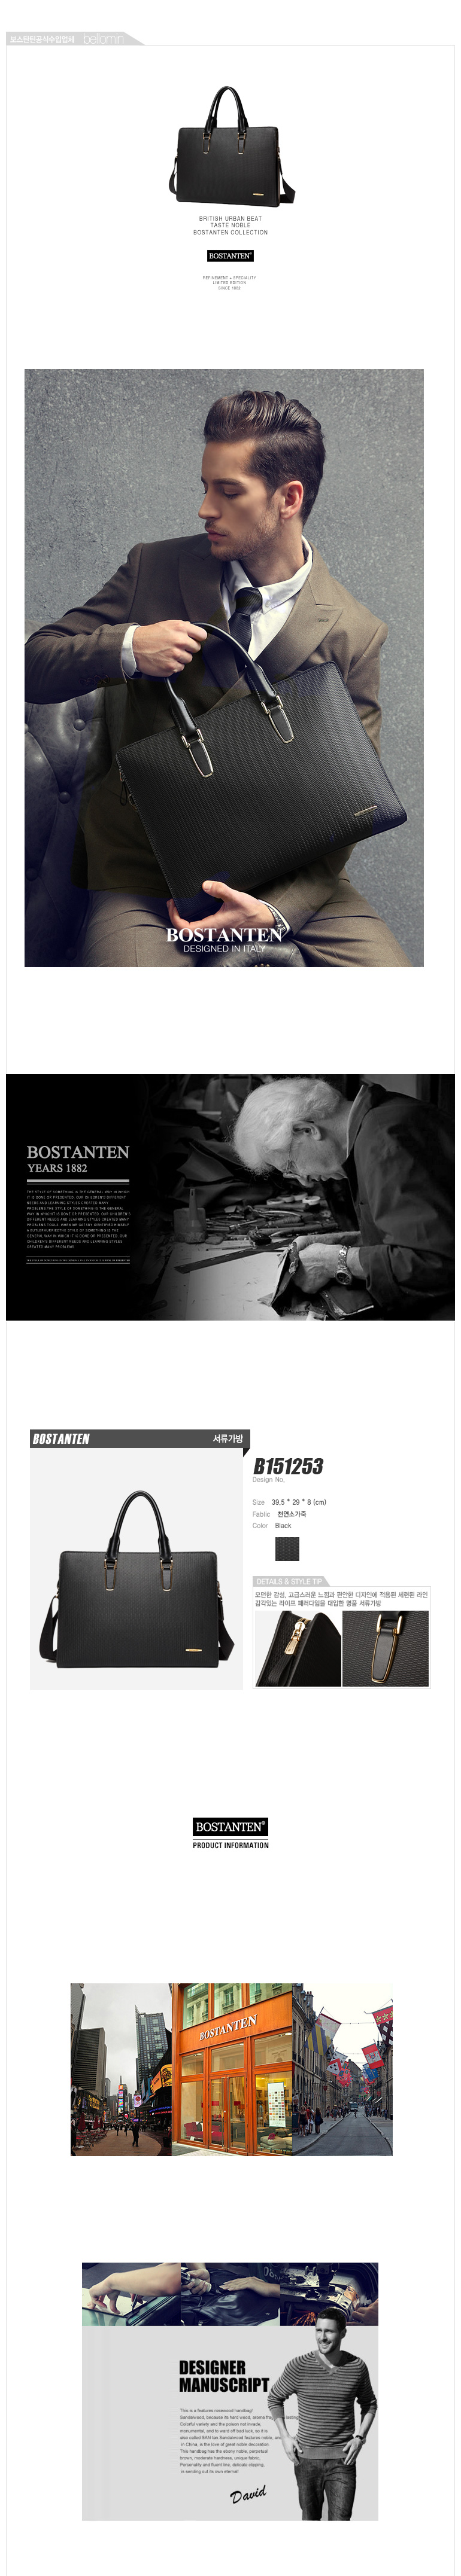 보스탄틴(BOSTANTEN) 천연소가죽 남성 서류가방 B151253